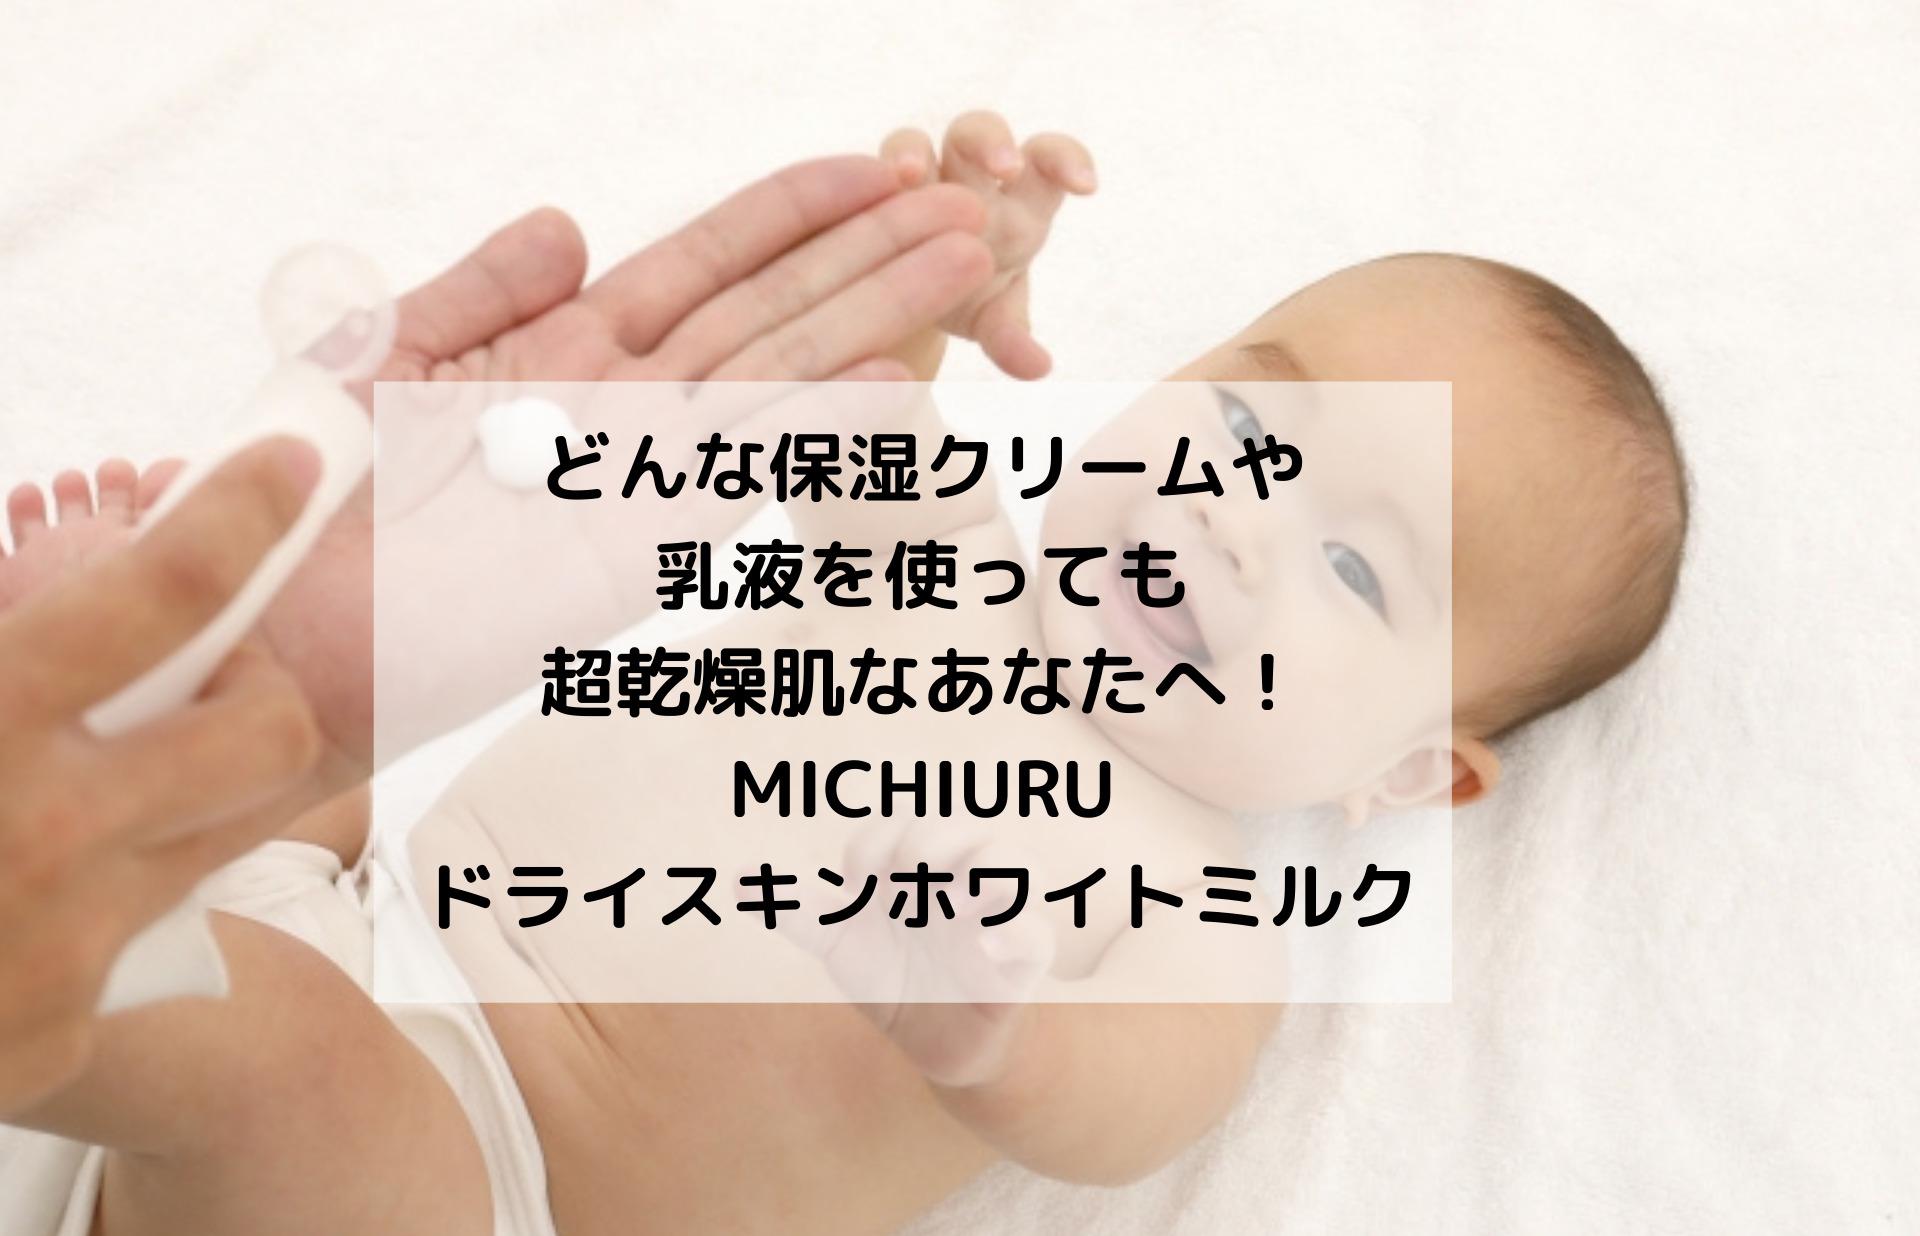 どんな保湿クリームや乳液を使っても超乾燥肌なあなたへ!MICHIURUドライスキンホワイトミルク